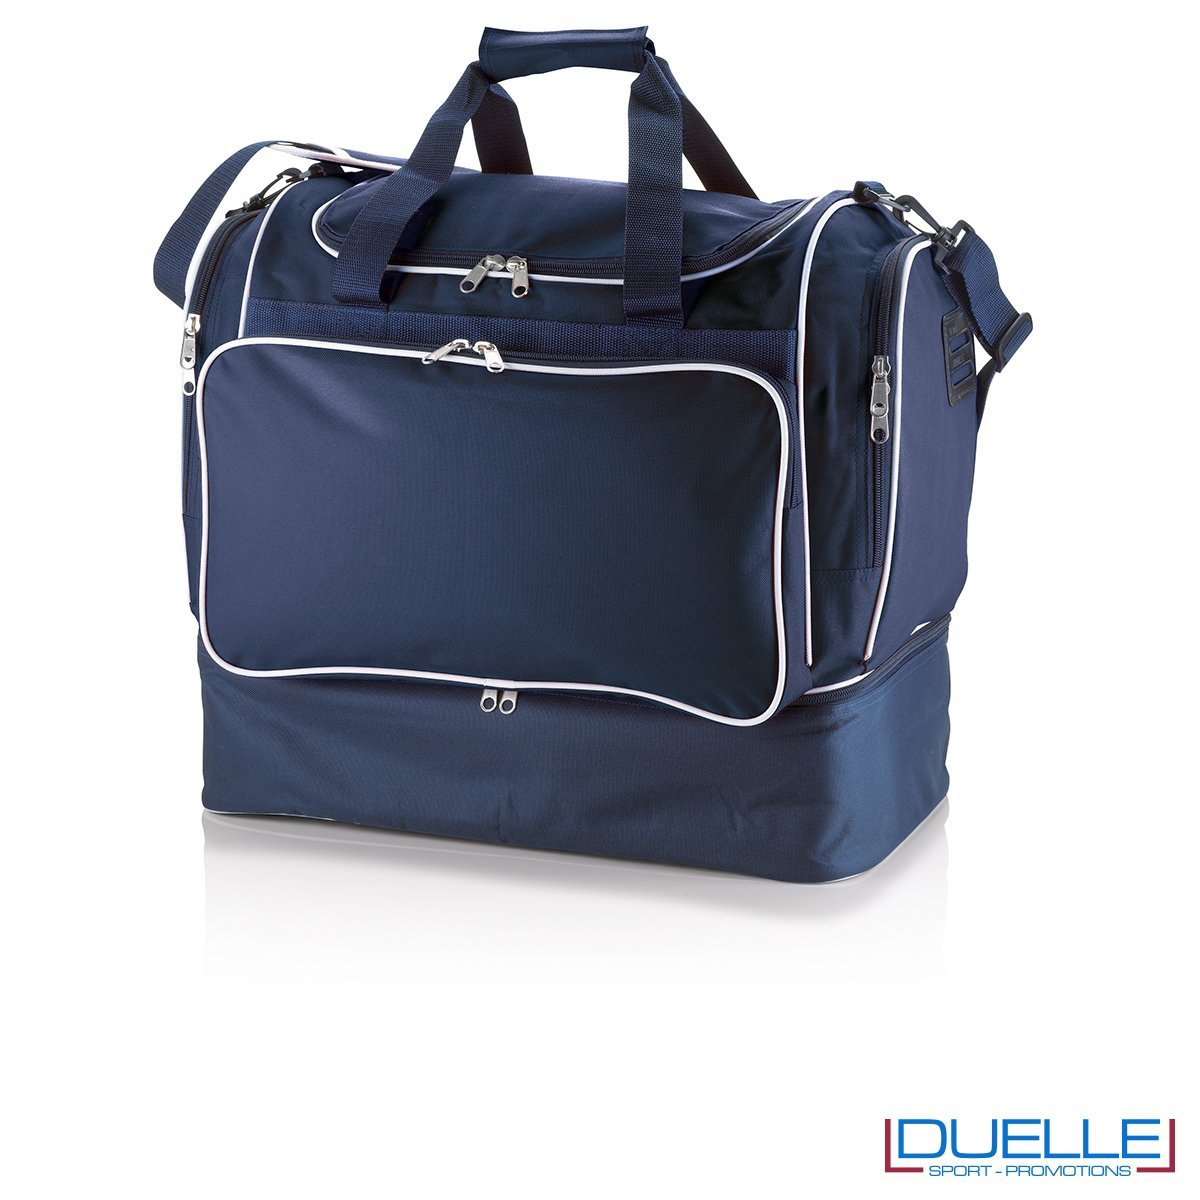 borsone calcio personalizzato colore blu navy, borsoni calcio promozionali personalizzabili blu navy